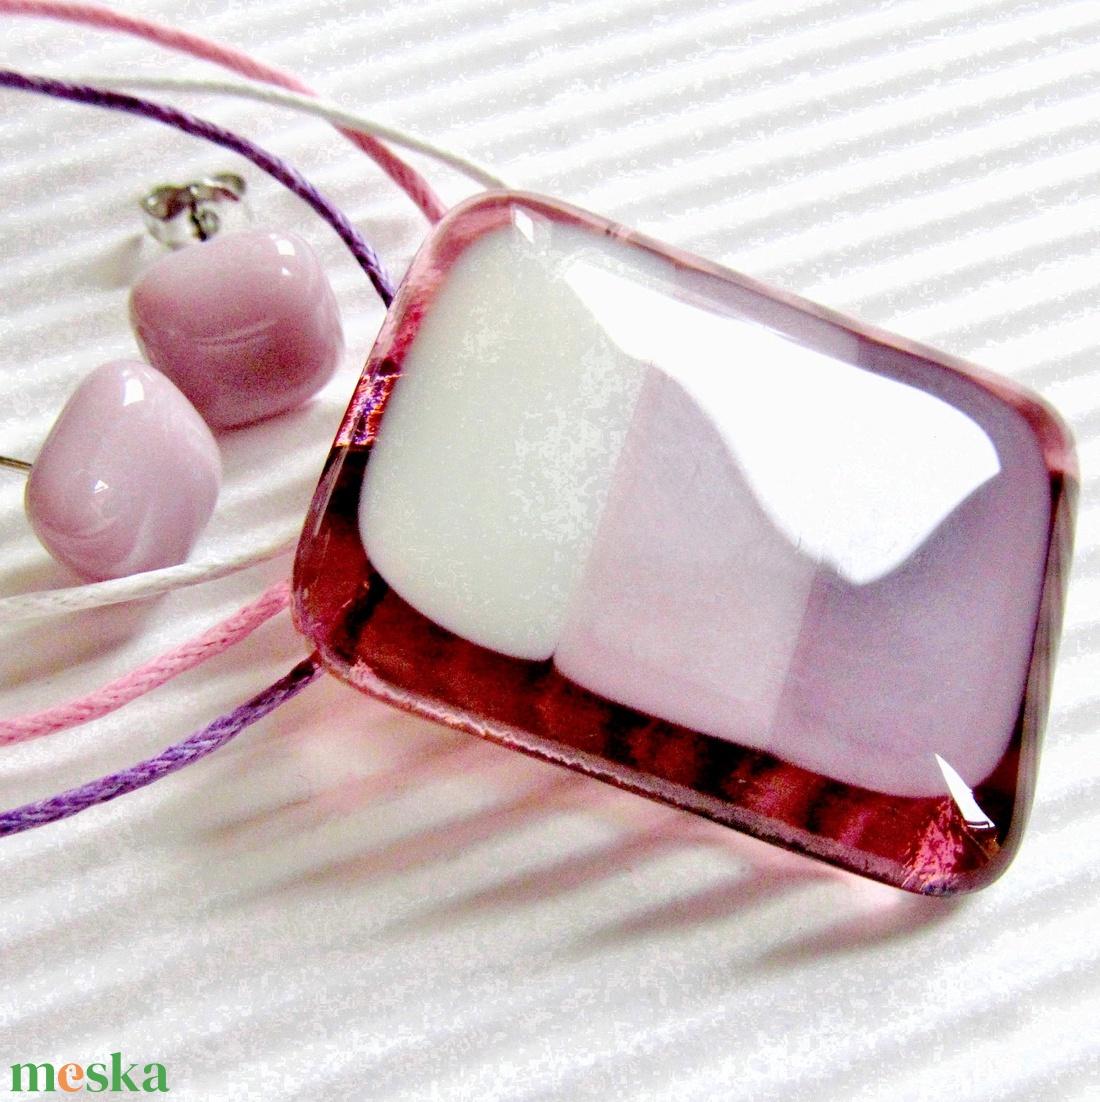 Pillecukor üveg nyaklánc és fülbevaló, NEMESACÉL/ORVOSI FÉM, nyaklánc, üvegékszer szett - ékszer - ékszerszett - Meska.hu